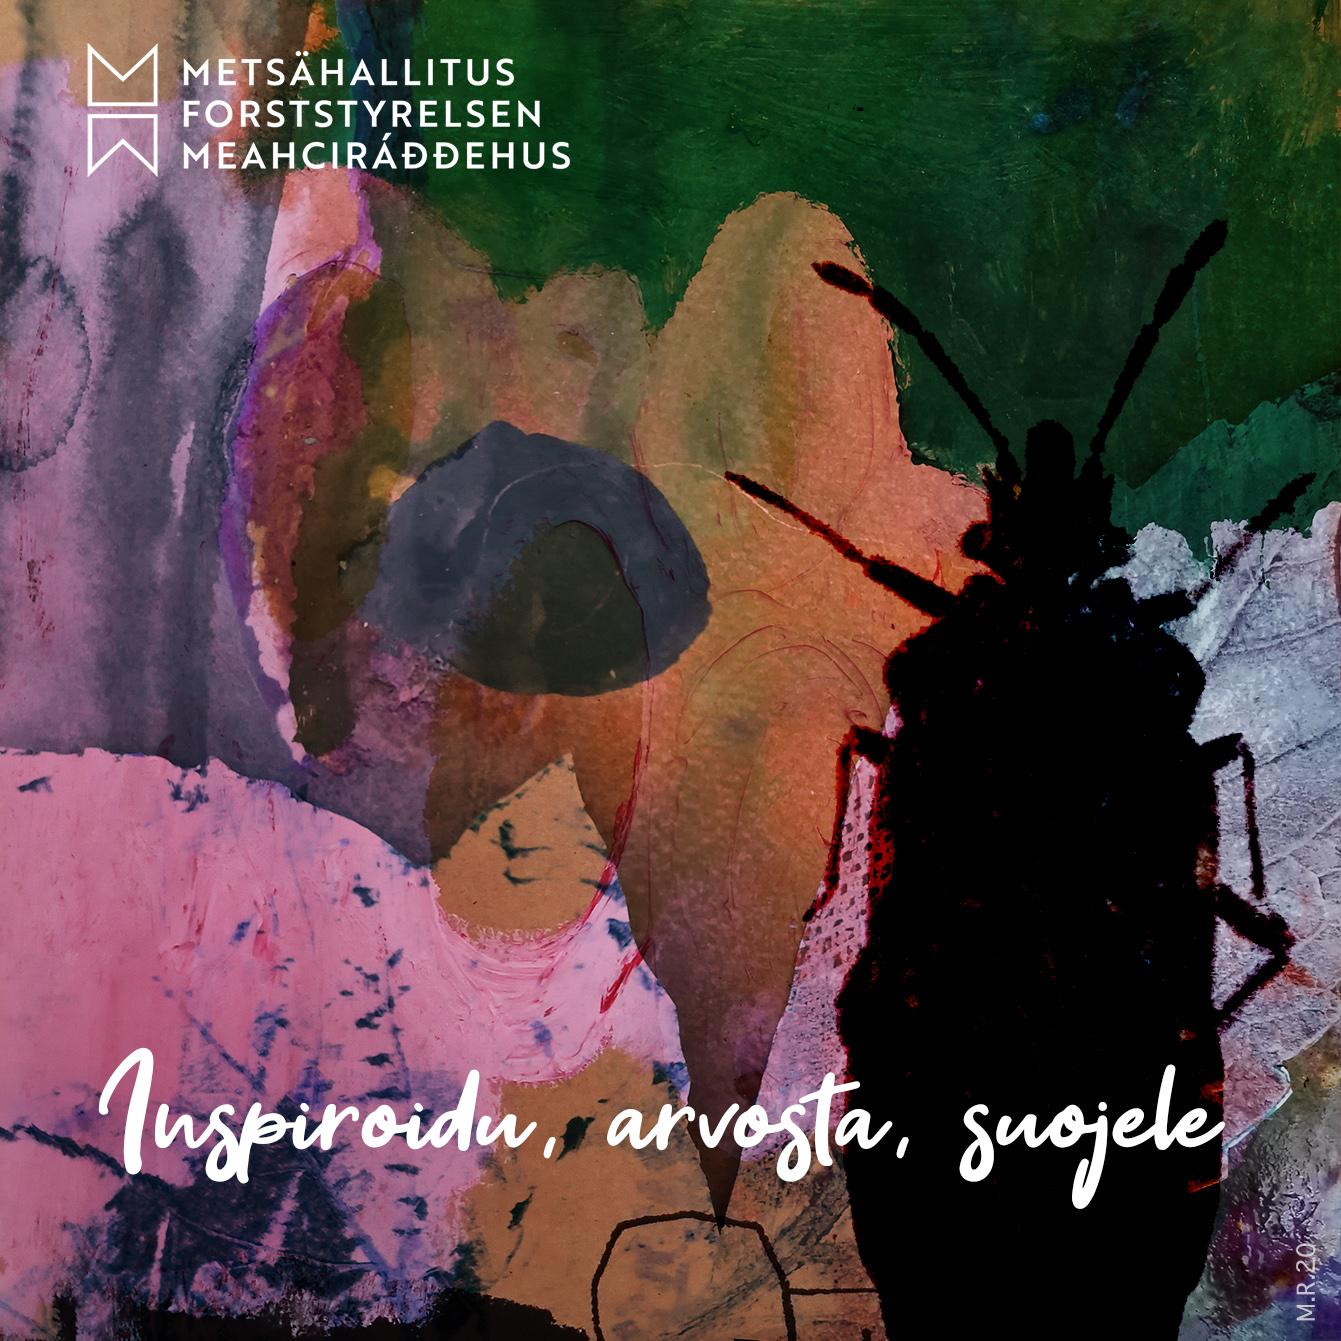 """""""Inspiroidu, arvosta, suojele"""" interaktiivisessa luontoelämyksessä – osa Beetles LIFE -suojeluhanketta"""